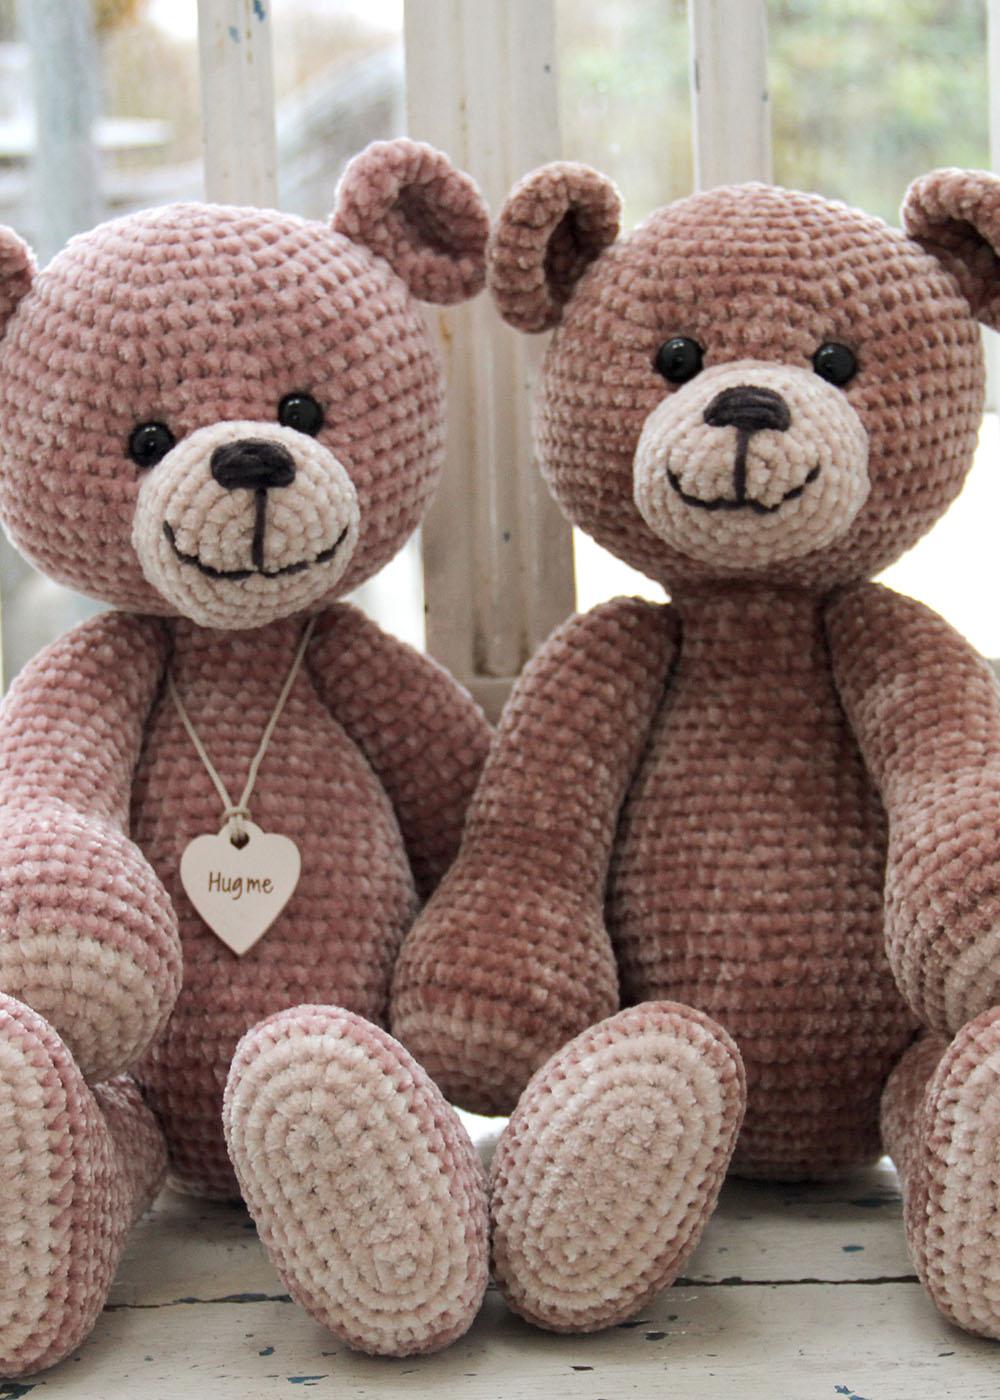 20+ Free Crochet Teddy Bear Patterns ⋆ Crochet Kingdom | 1400x1000